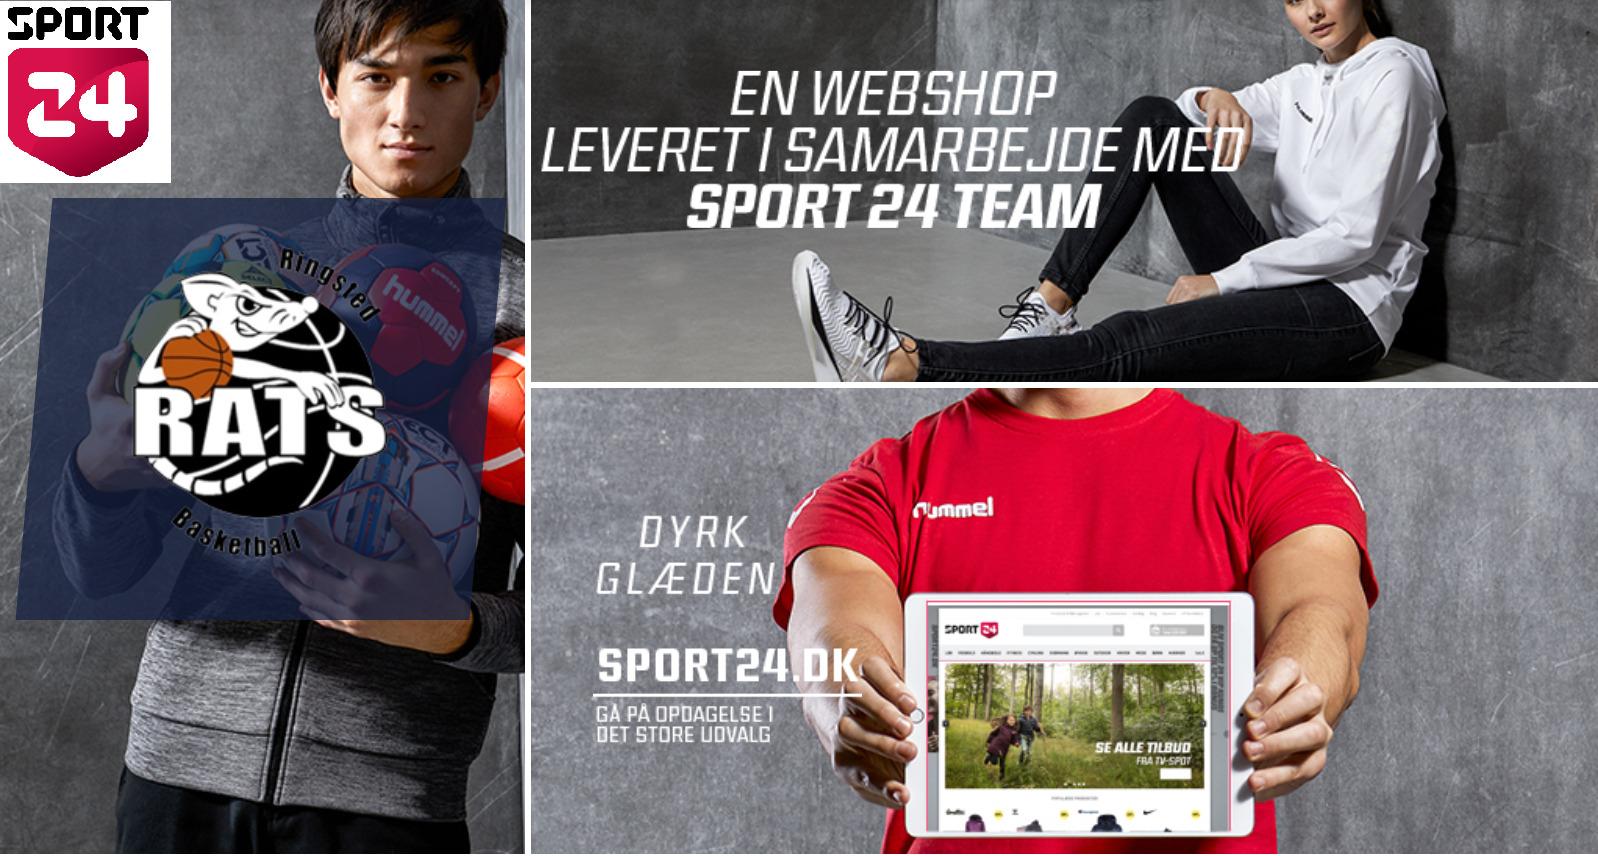 Rats-sport24